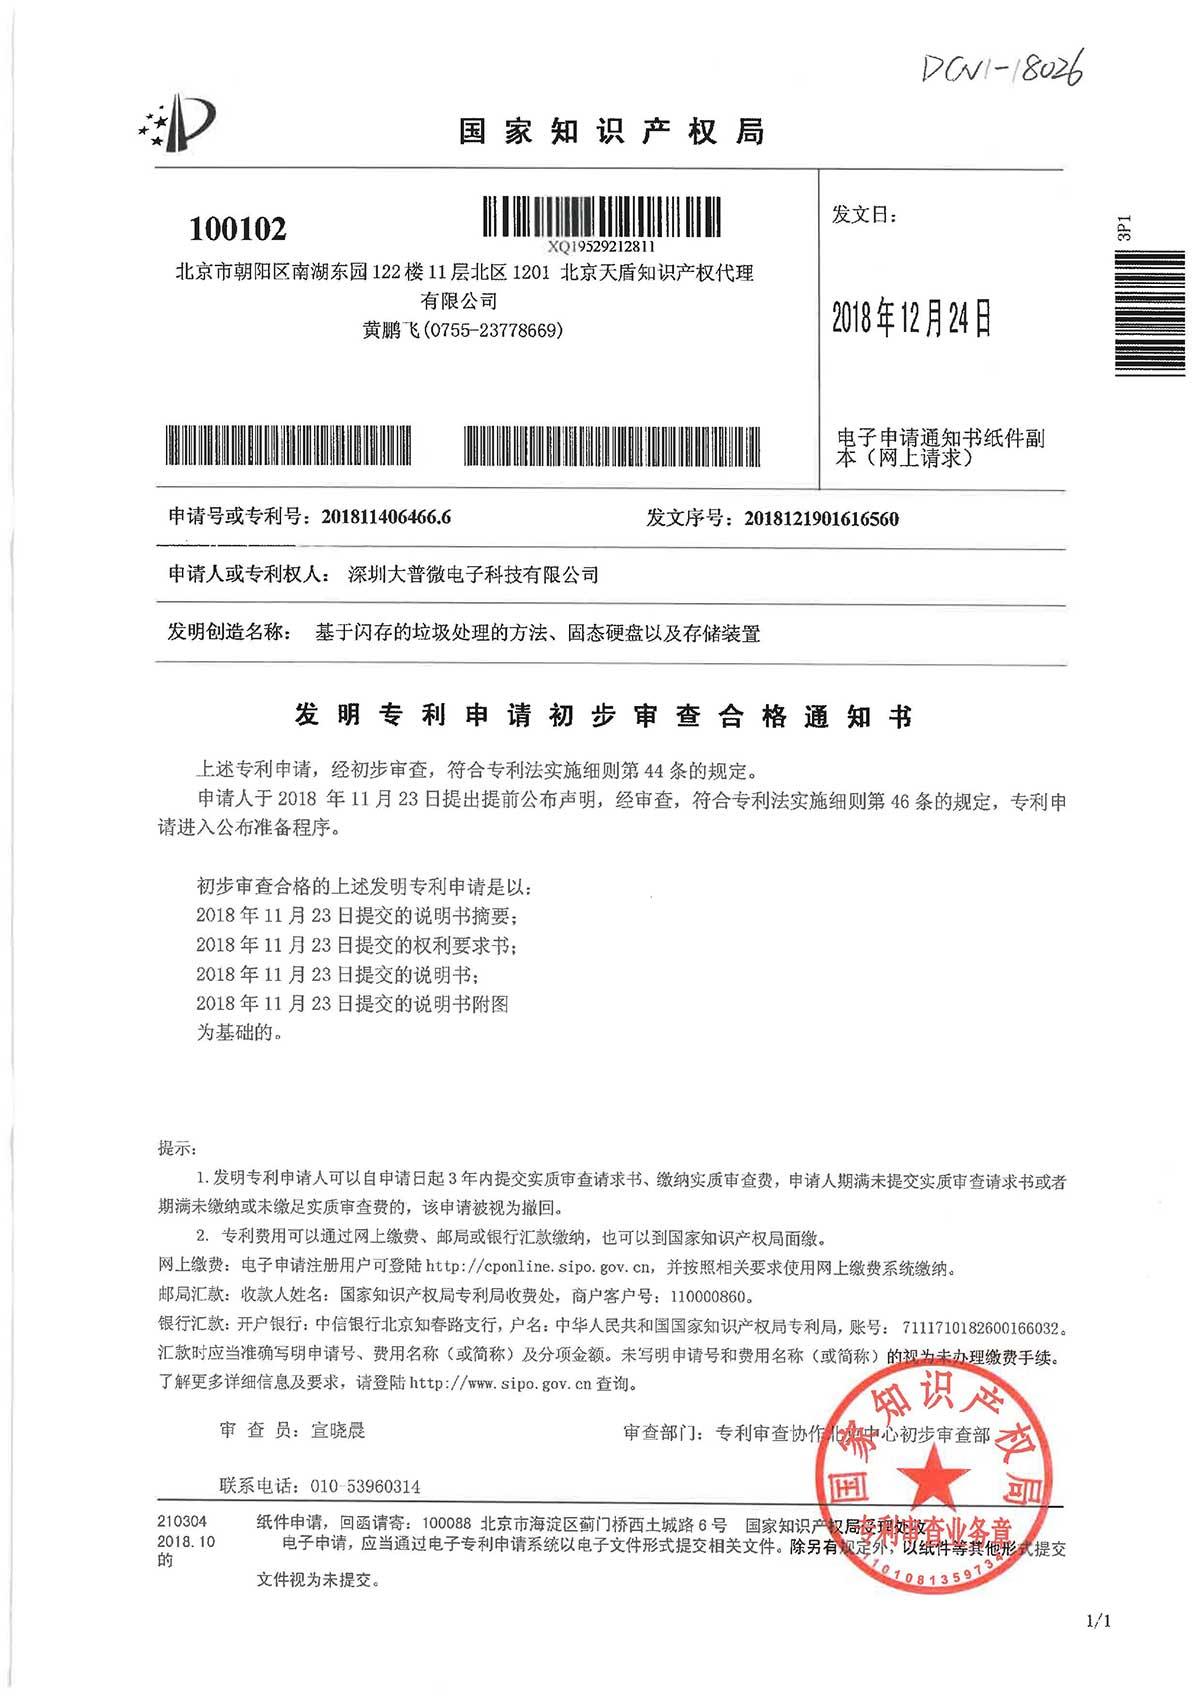 DCN1-18026 一种提升垃圾处理效率的方法 初审合格